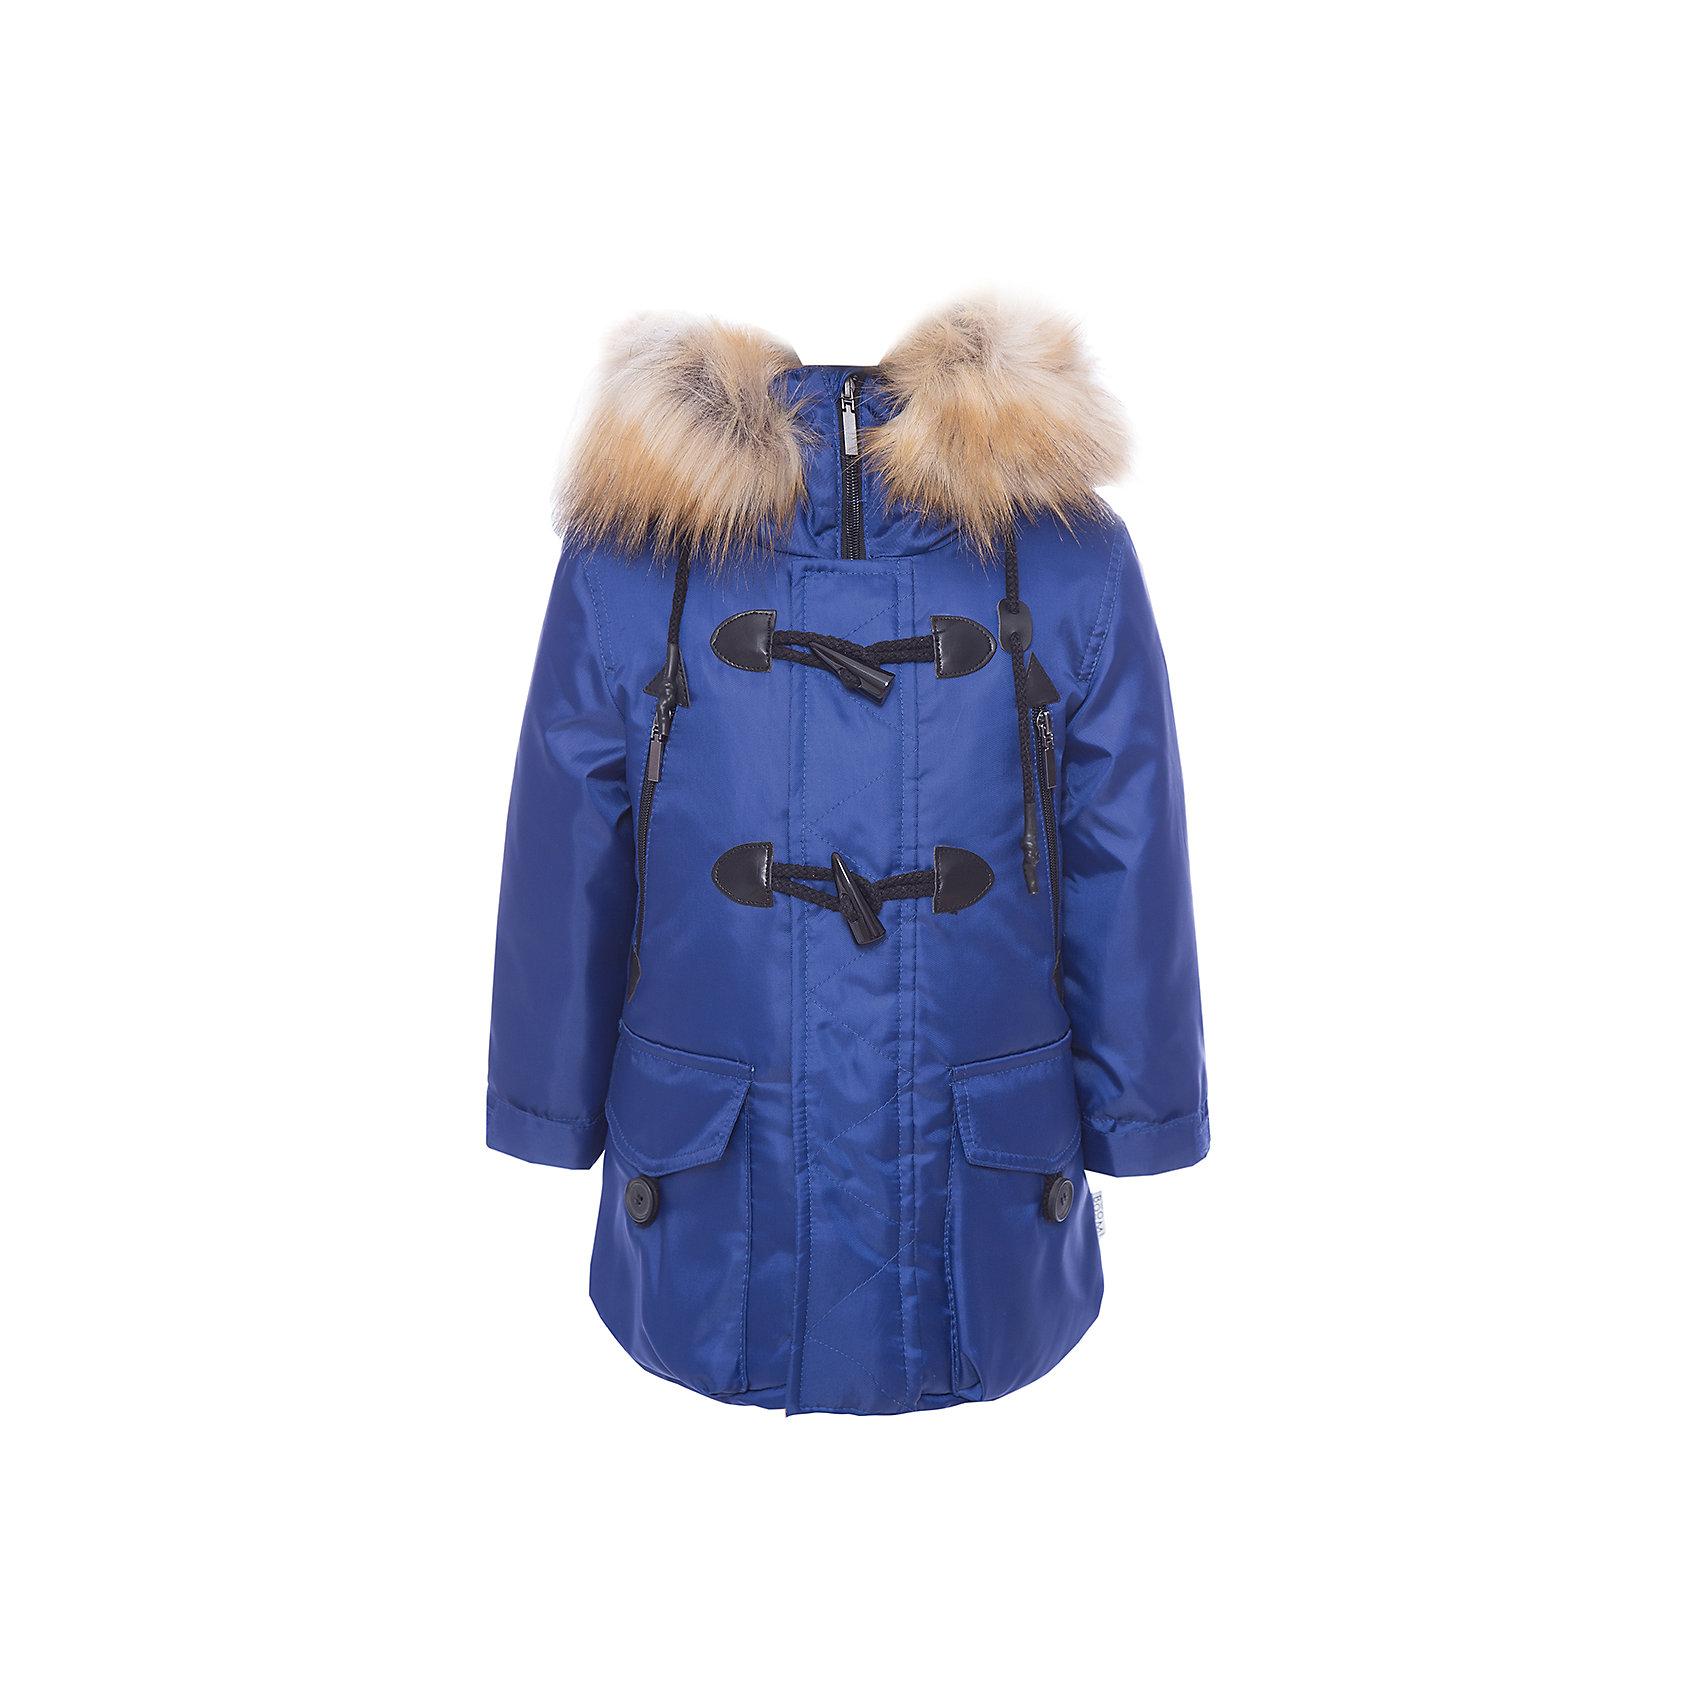 Куртка BOOM by Orby для мальчикаВерхняя одежда<br>Характеристики товара:<br><br>• цвет: синий<br>• состав ткани: оксфорд pu milky<br>• подкладка: хлопок, флис, полиэстер пуходержащий<br>• утеплитель: Flexy Fiber<br>• сезон: зима<br>• температурный режим: от 0 до -30С<br>• плотность утеплителя: 400 г/м2<br>• капюшон: с мехом<br>• застежка: молния<br>• страна бренда: Россия<br>• страна изготовитель: Россия<br><br>Синяя теплая куртка для мальчика поможет защитить ребенка от холода. Детская теплая куртка дополнена удобным капюшоном, планкой от ветра и карманами. Такая детская куртка отлично подойдет для зимних морозов. <br><br>Куртку для мальчика BOOM by Orby (Бум бай Орби) можно купить в нашем интернет-магазине.<br><br>Ширина мм: 356<br>Глубина мм: 10<br>Высота мм: 245<br>Вес г: 519<br>Цвет: синий<br>Возраст от месяцев: 24<br>Возраст до месяцев: 36<br>Пол: Мужской<br>Возраст: Детский<br>Размер: 98,170,104,110,116,122,128,134,140,146,152,158,164<br>SKU: 7090792